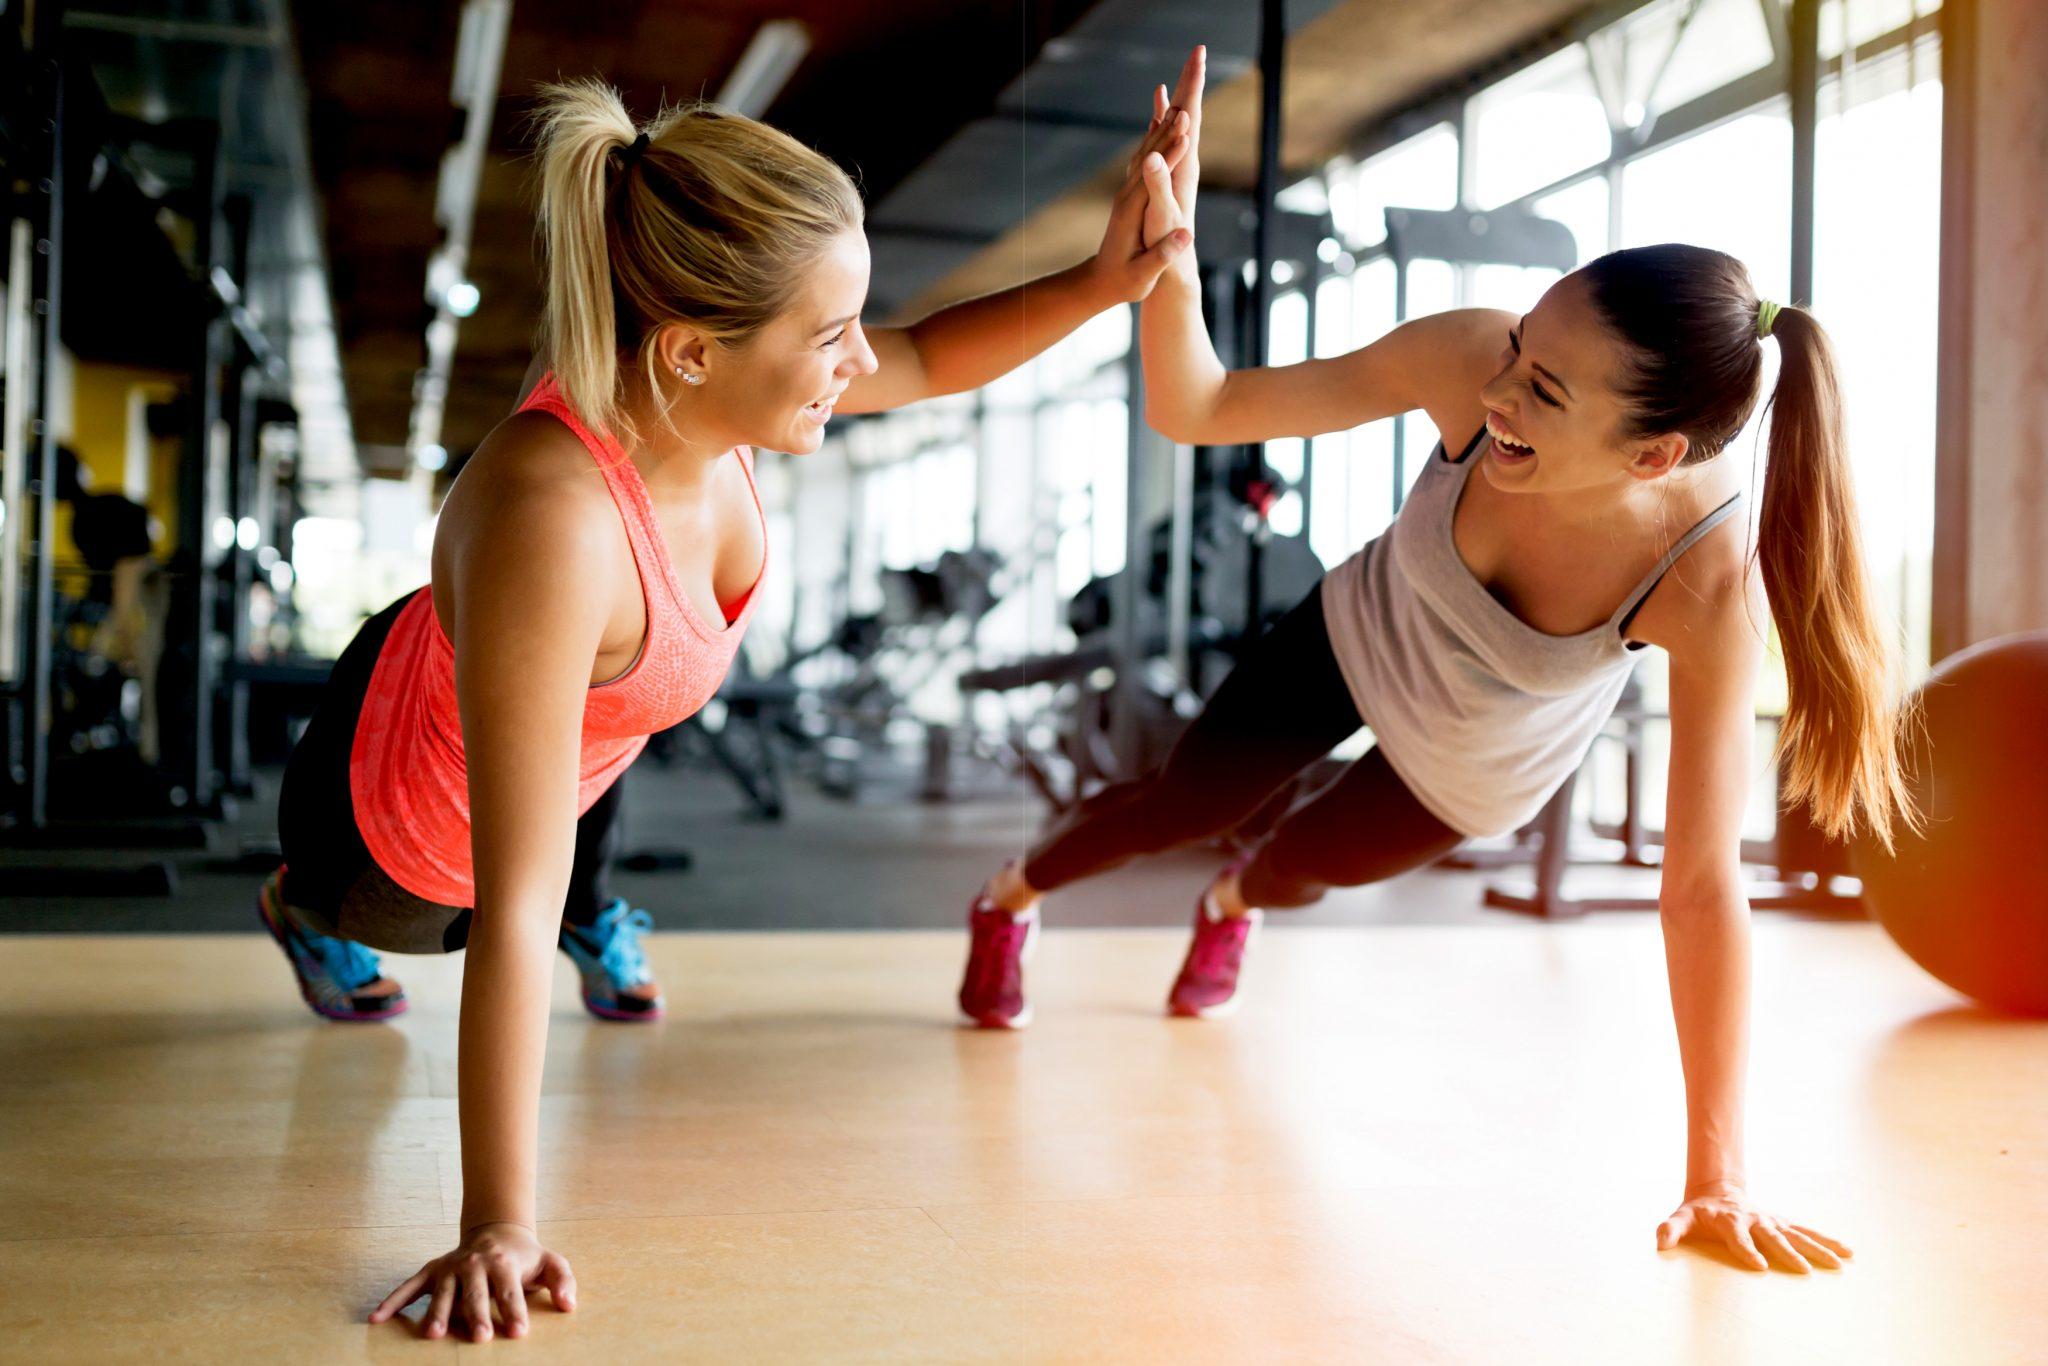 女性二人でトレーニングしている